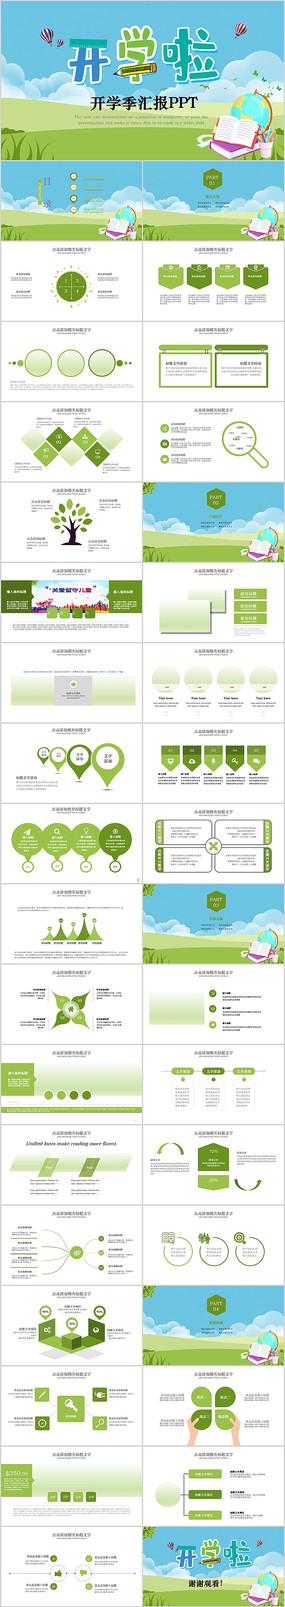 绿色小清新中小学开学啦工作开展计划PPT